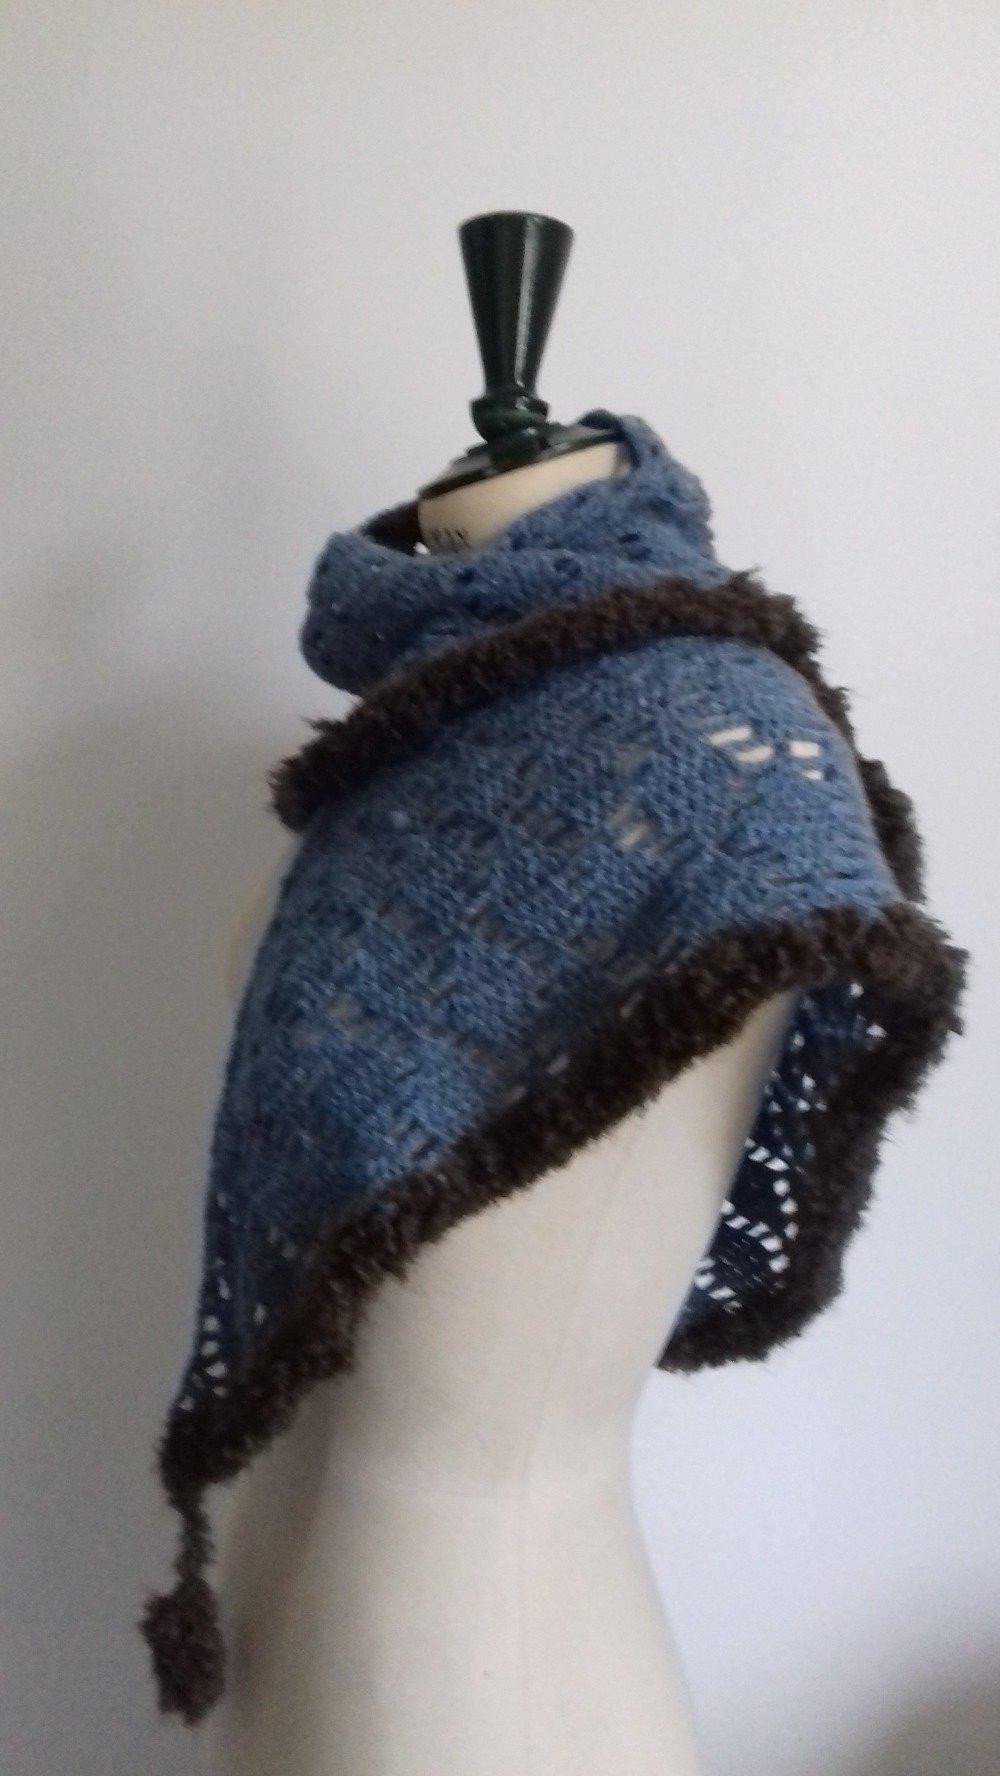 Châle en laine alpaga crocheté main BLEU JEAN bordé de fourrure marron tout doux pour l'automne